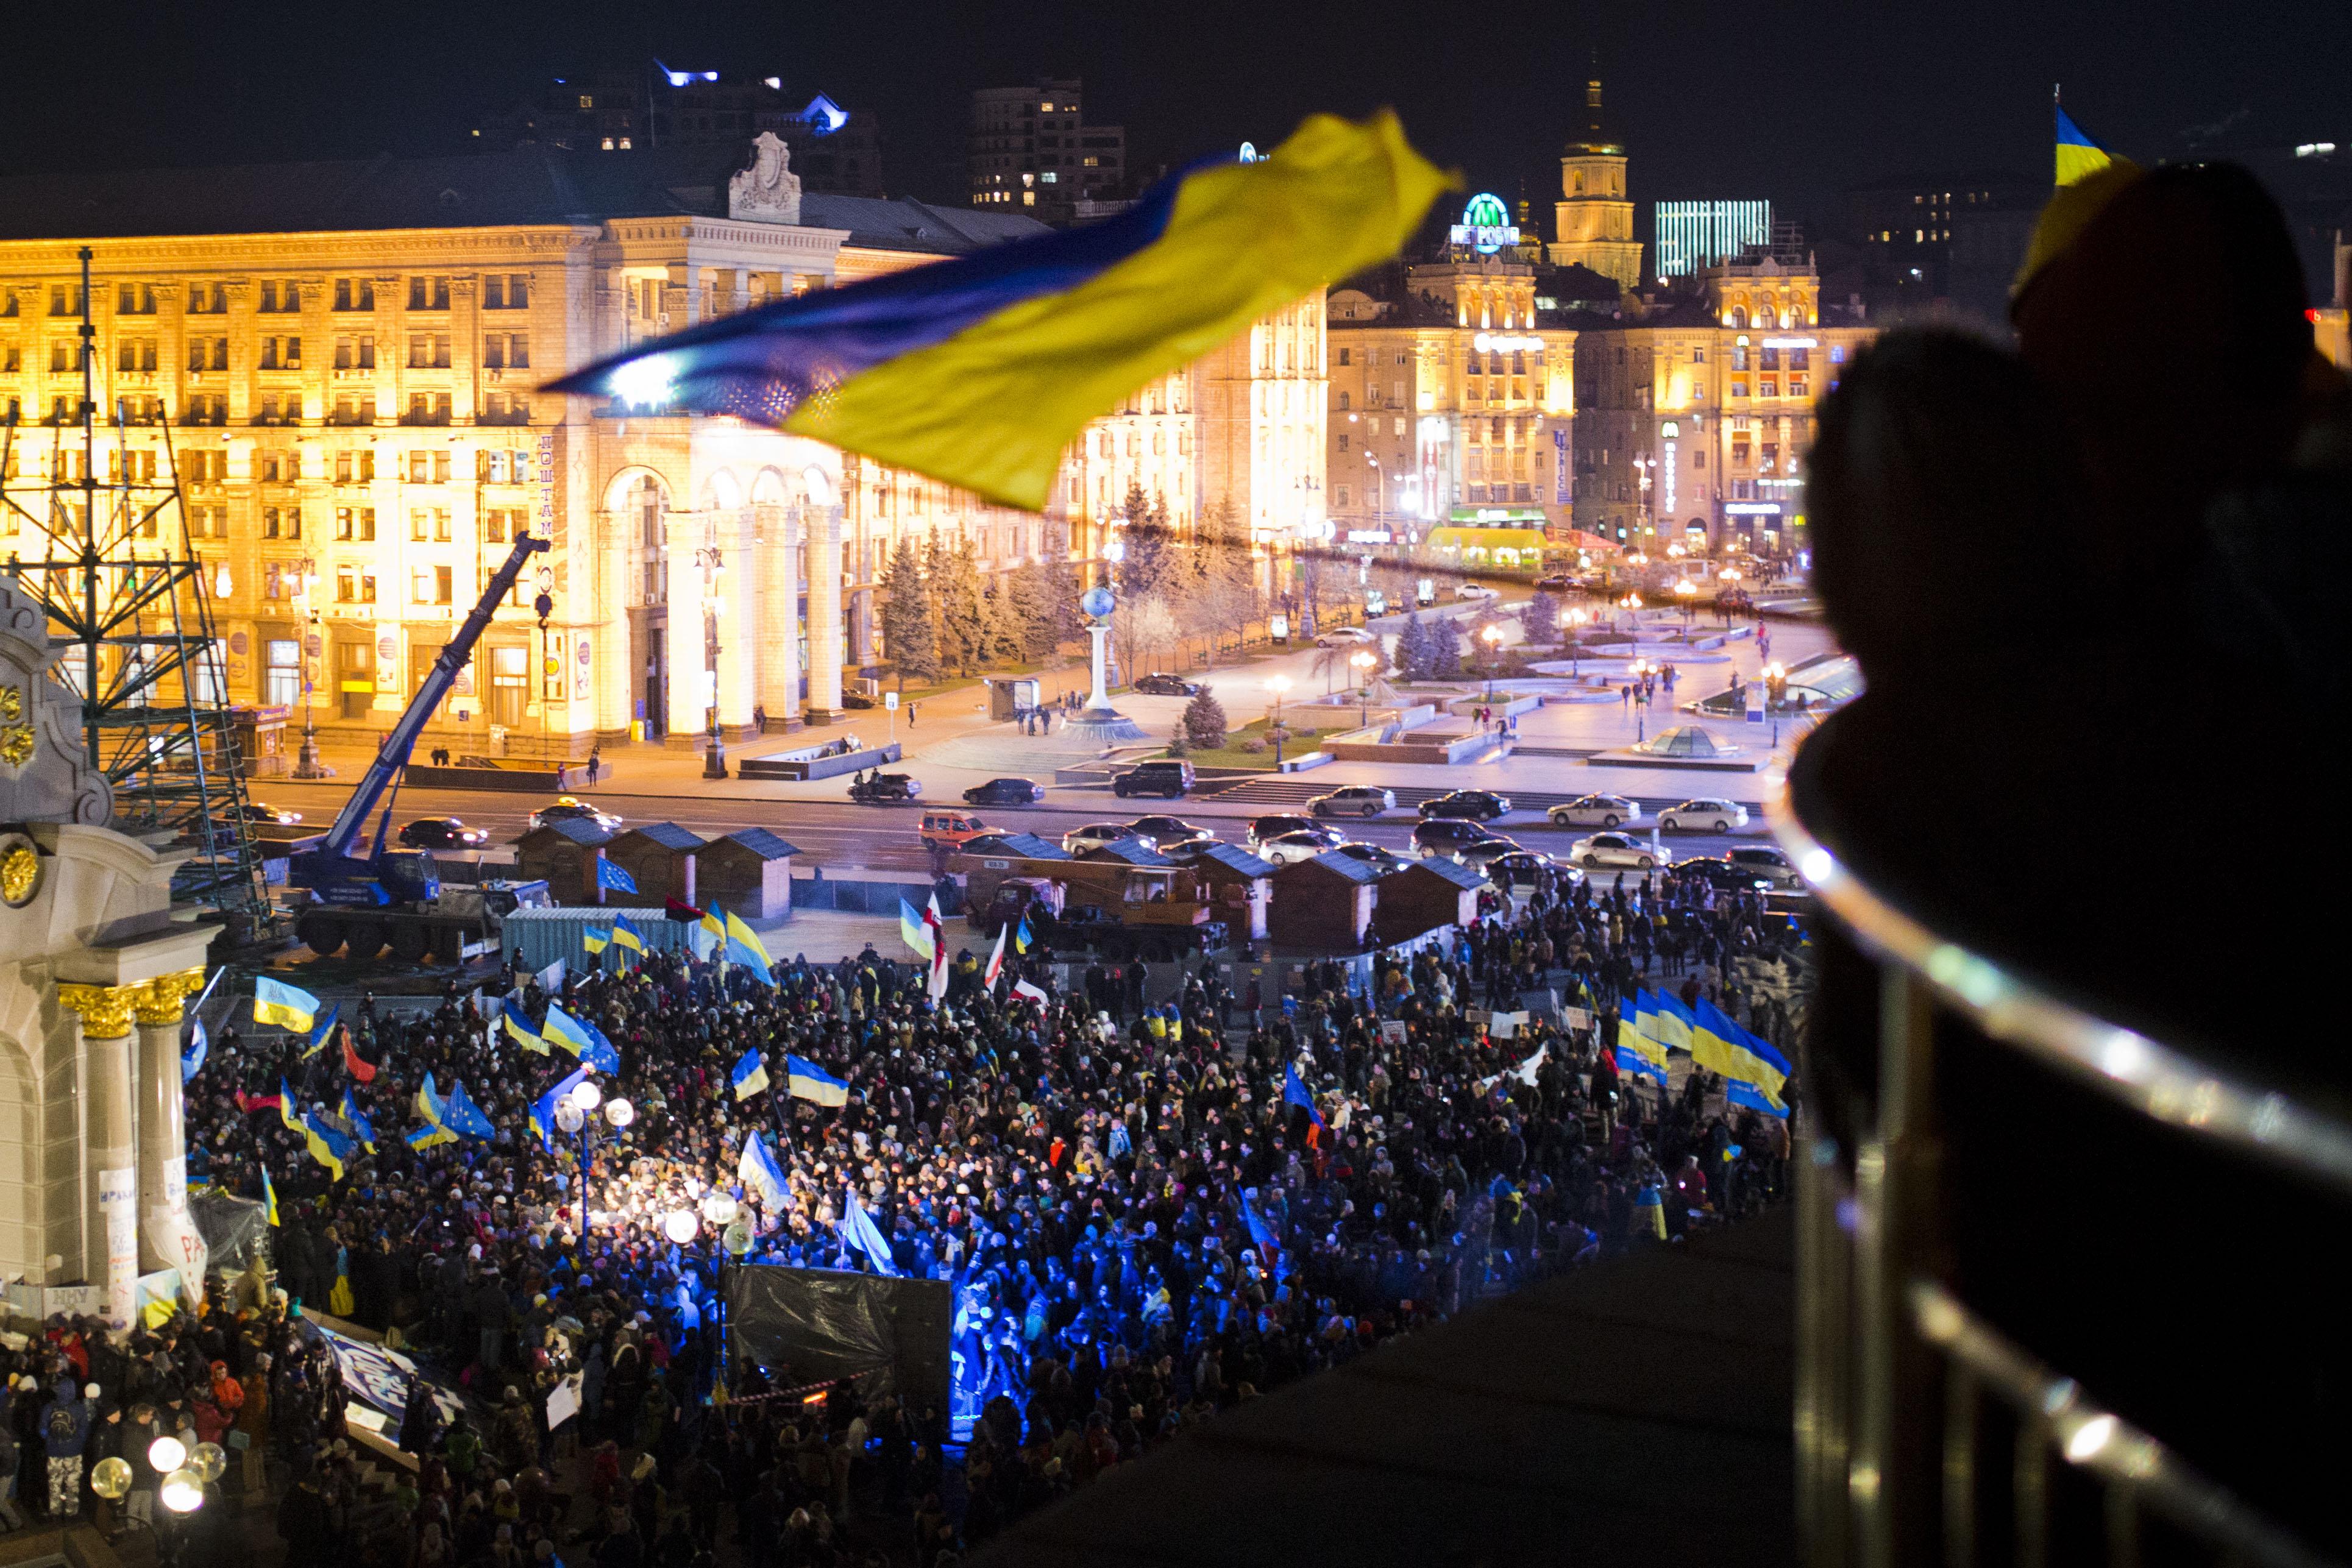 21 ноября 2013 года начался Евромайдан на Украине